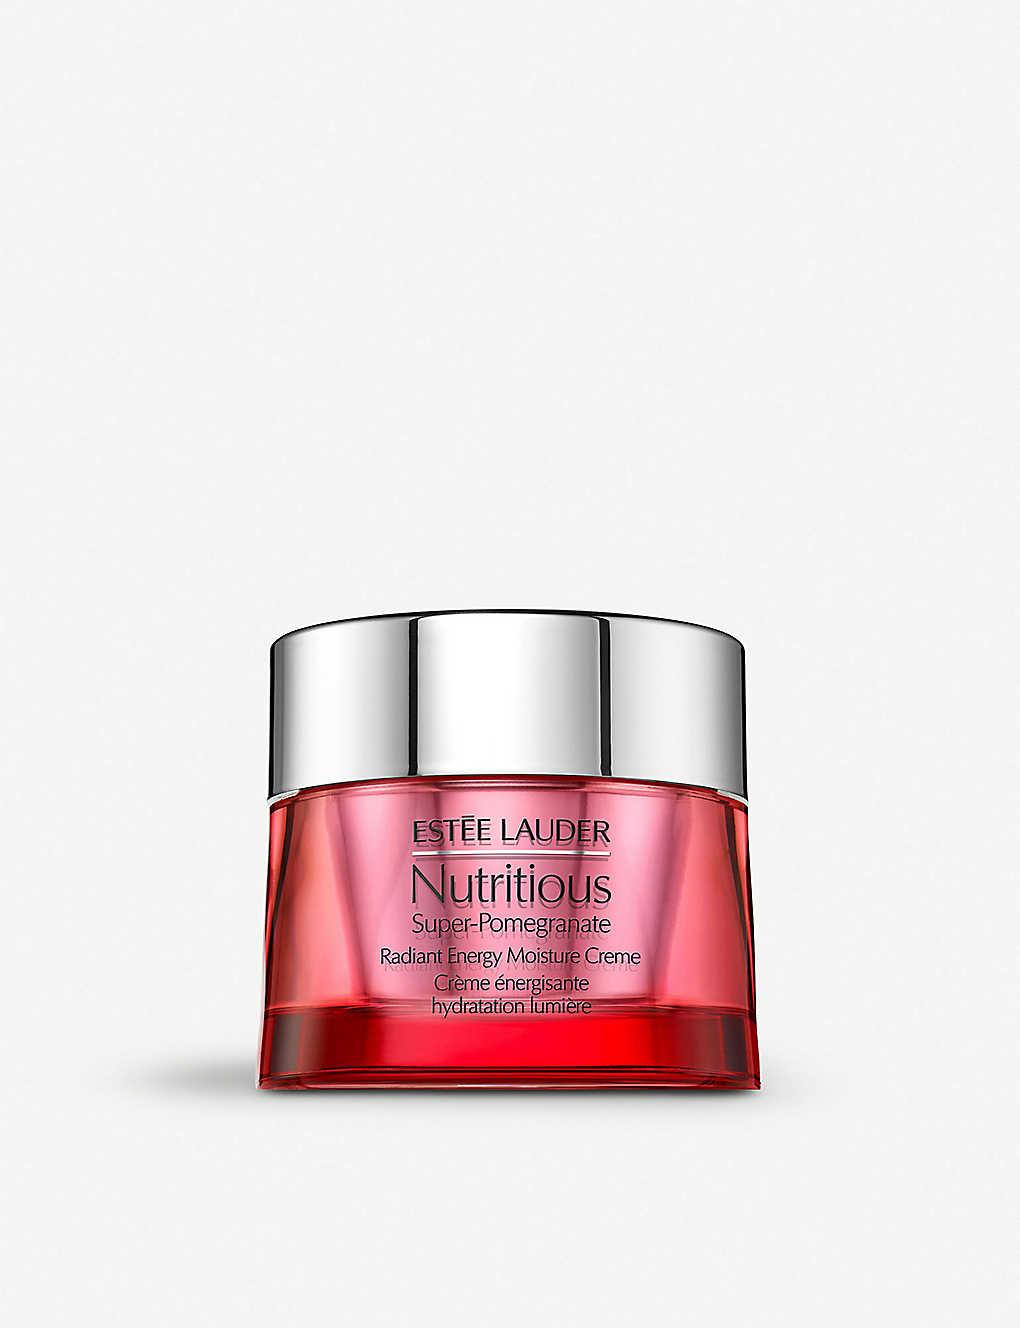 ESTEE LAUDER: Nutritious Super-Pomegranate Radiant Energy Moisture Crème 50ml